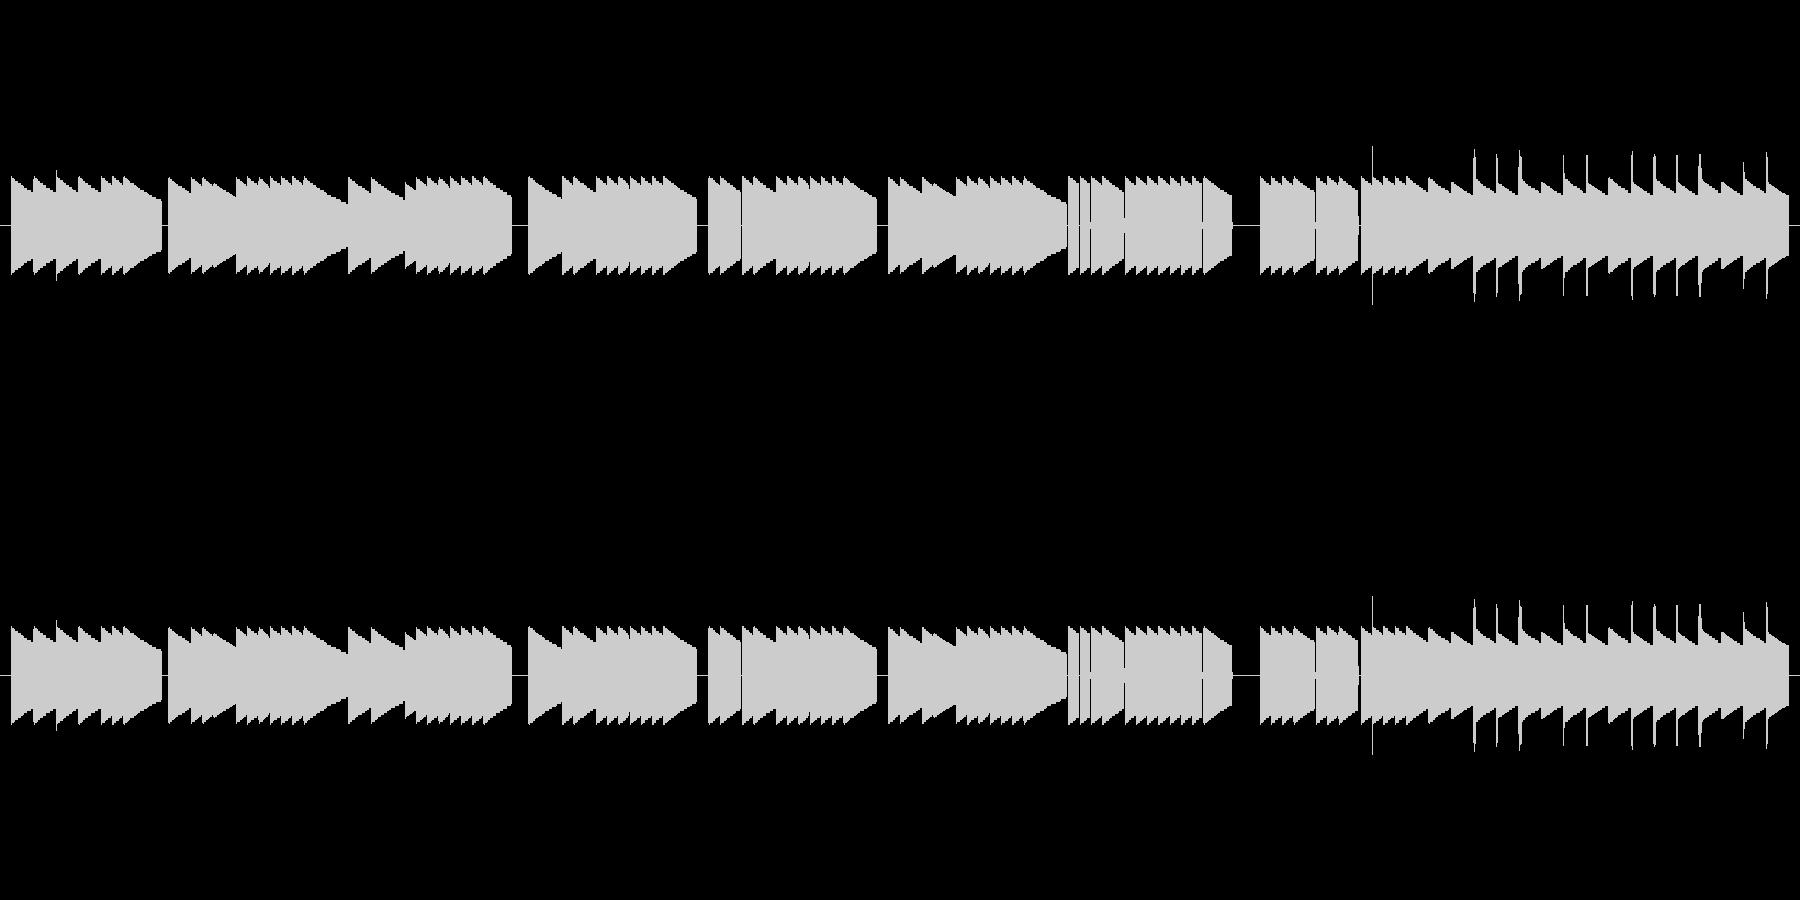 童謡「通りゃんせ」信号機アレンジの未再生の波形